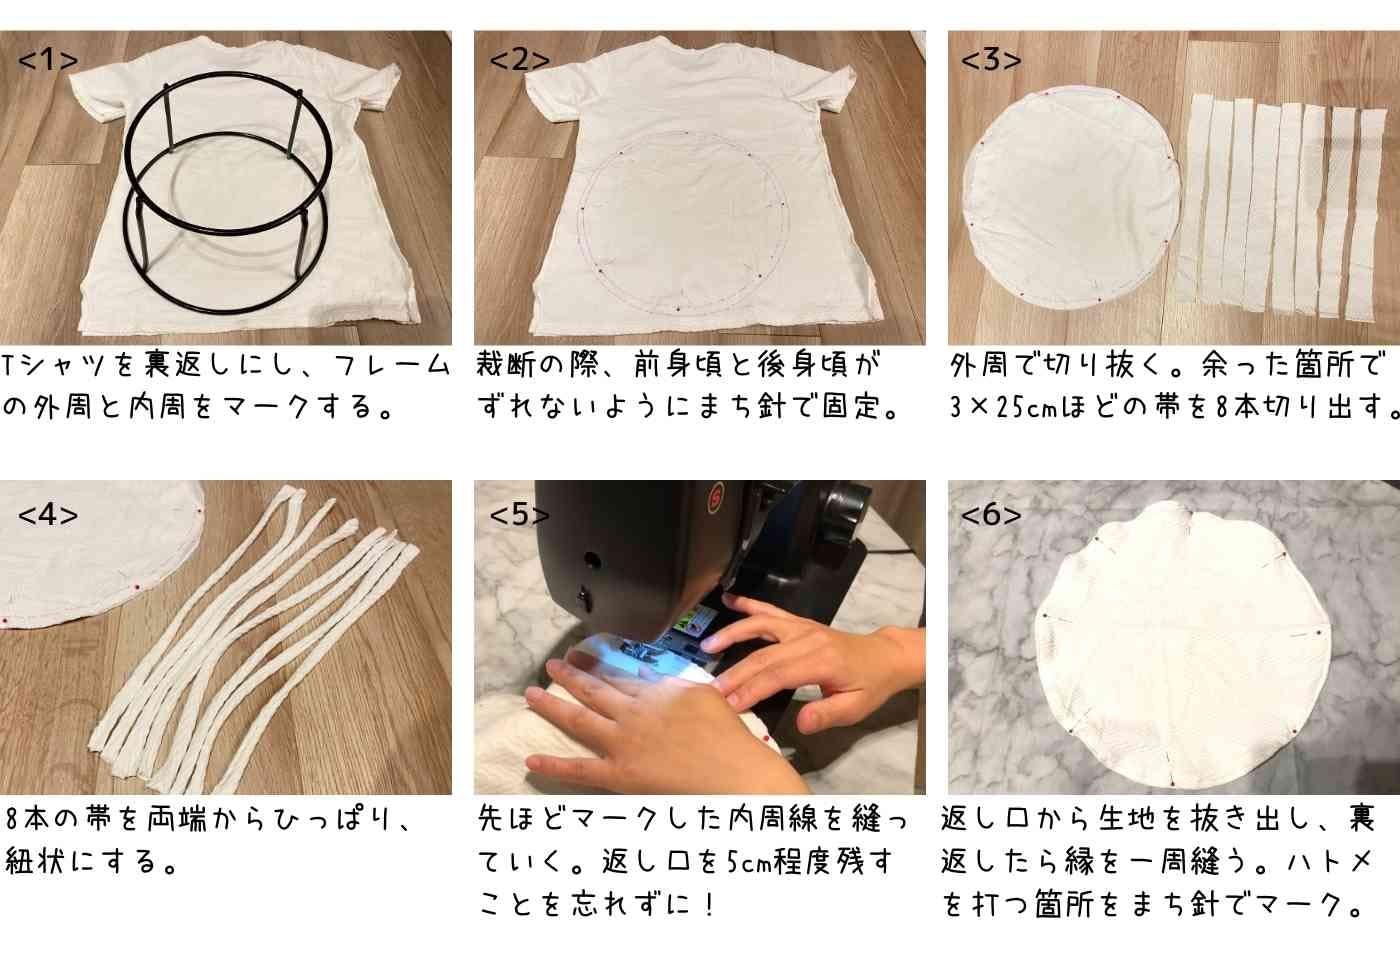 リボン部分にハトメを使用するパターンの作り方